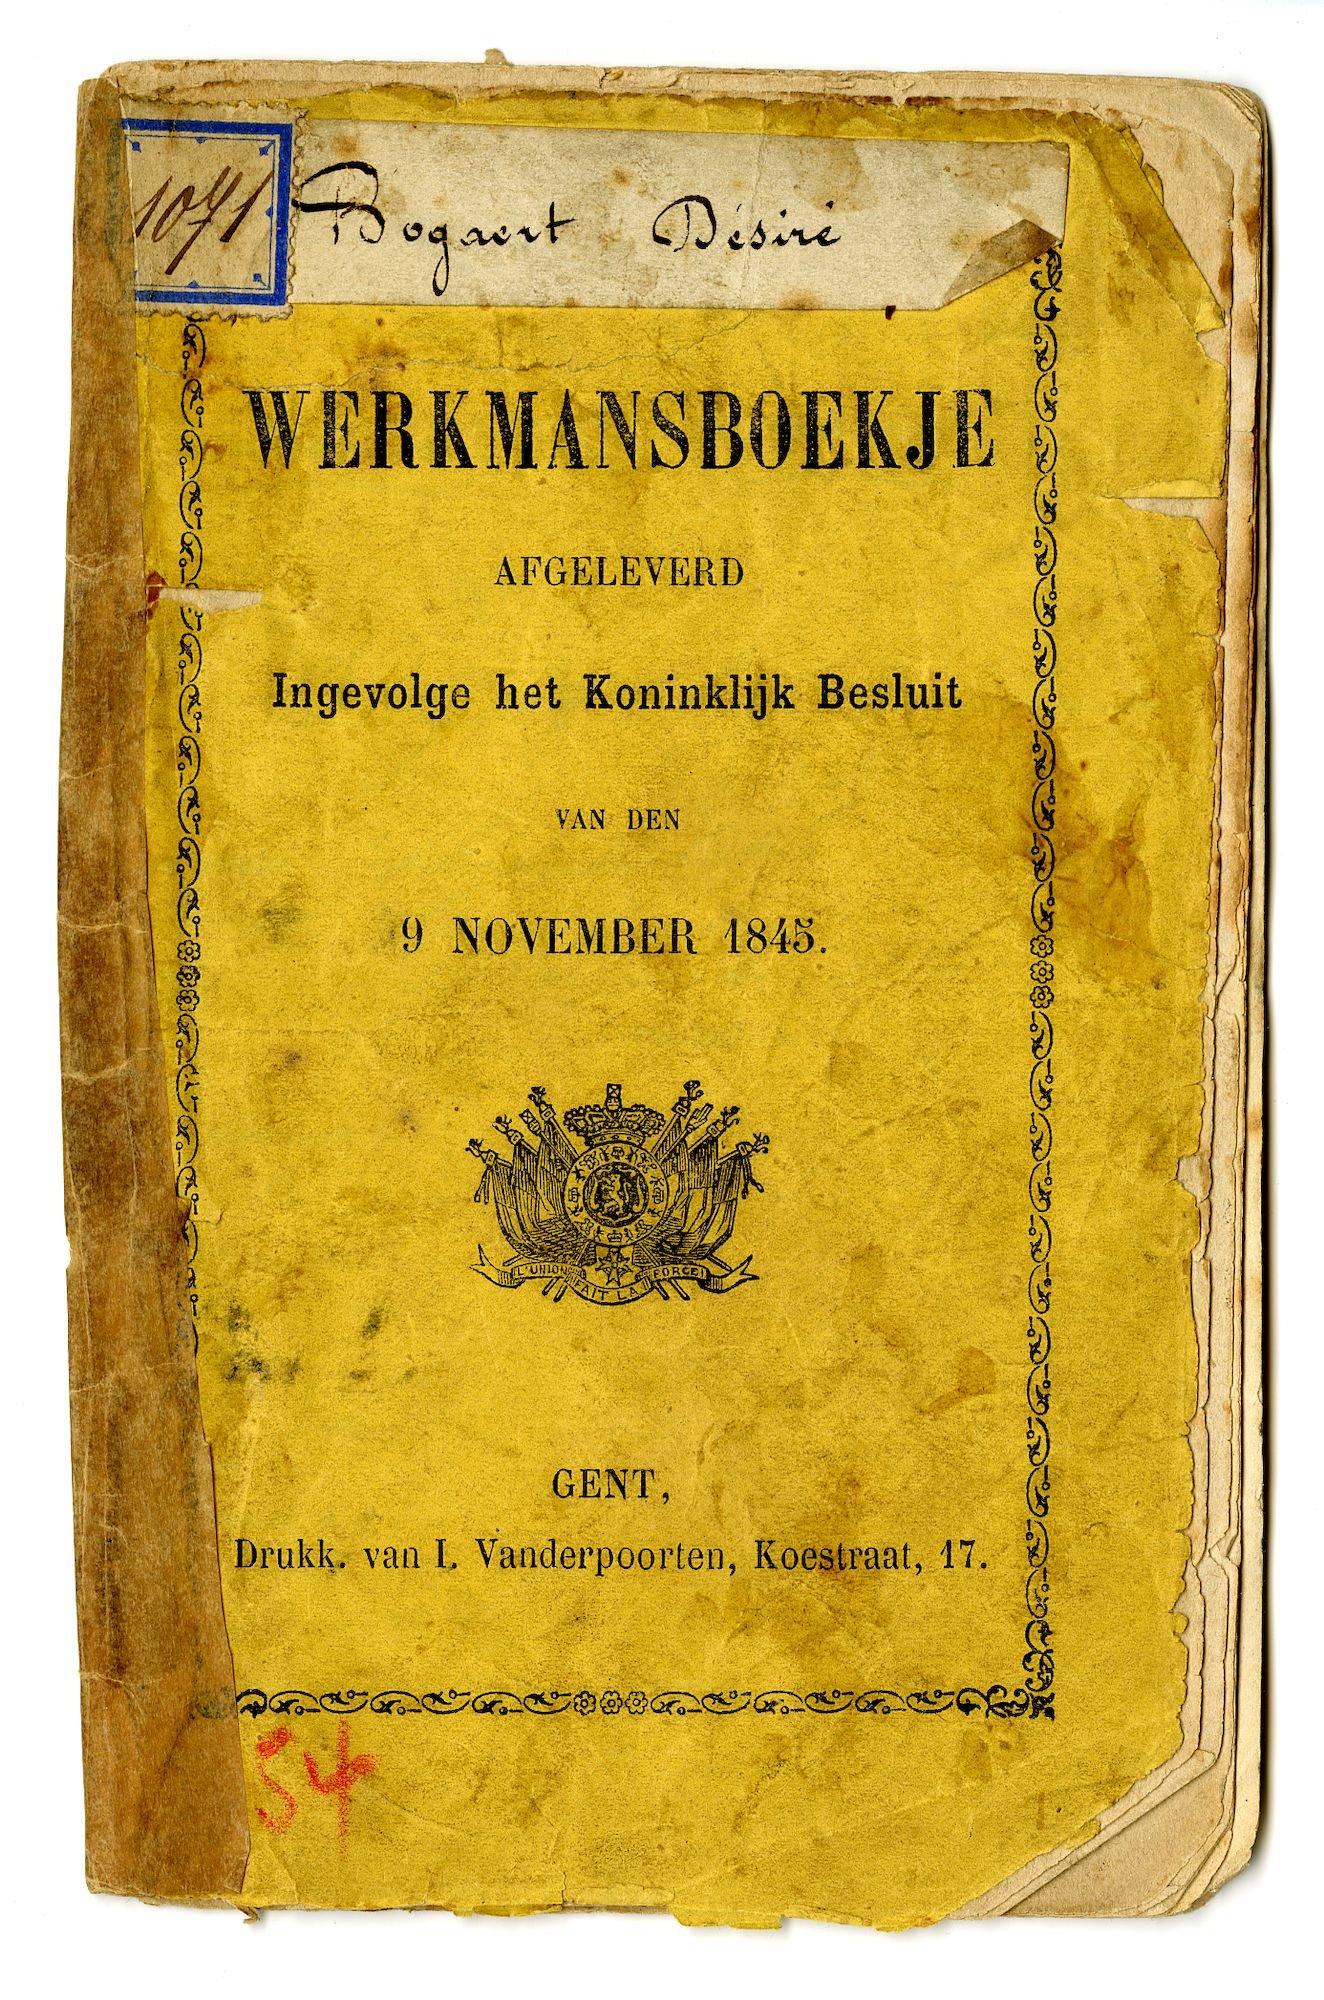 Werkboekje van D. Bogaert